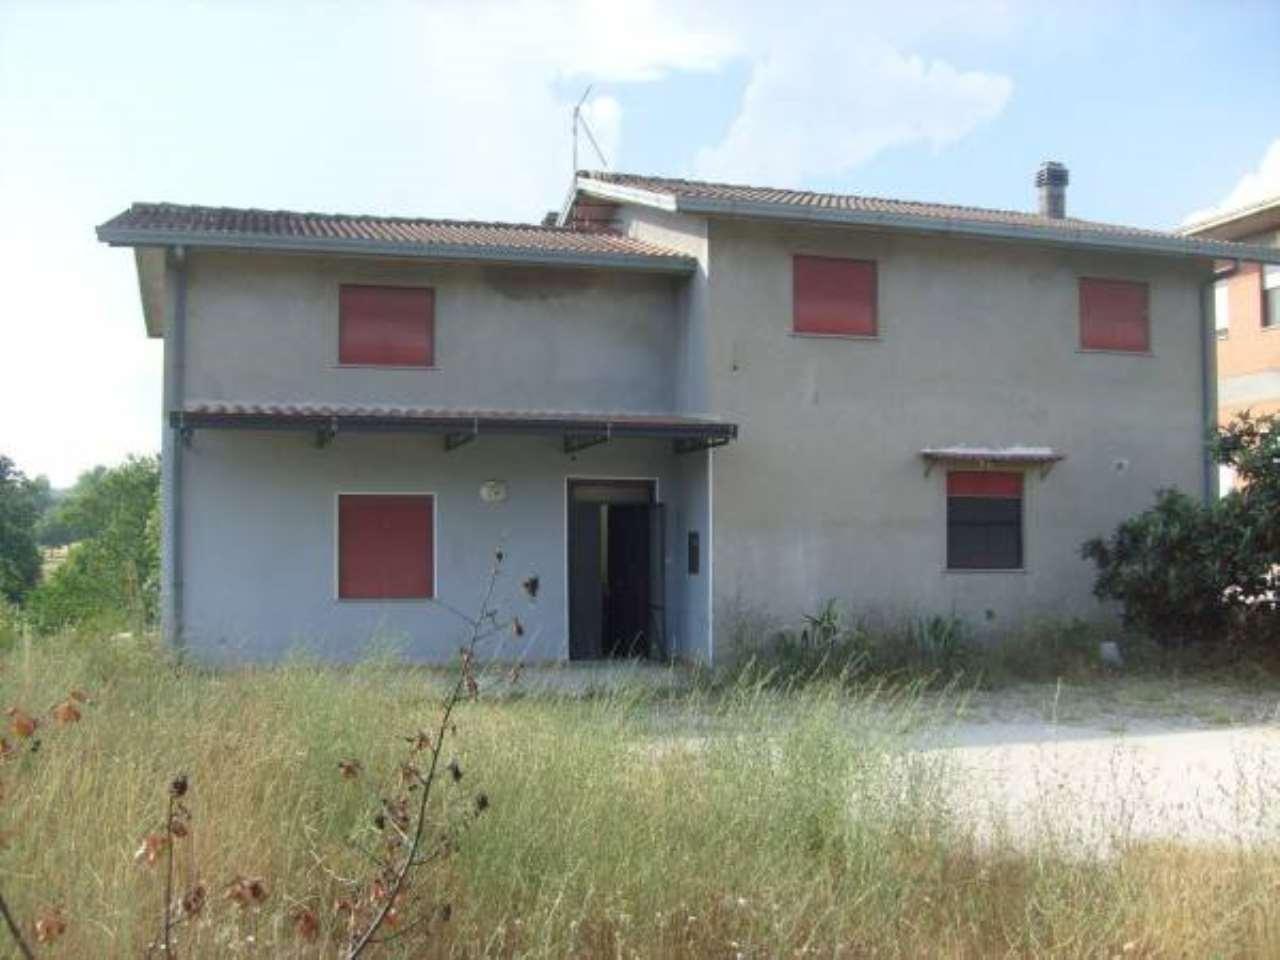 Villa in vendita a Arce, 6 locali, prezzo € 110.000 | CambioCasa.it